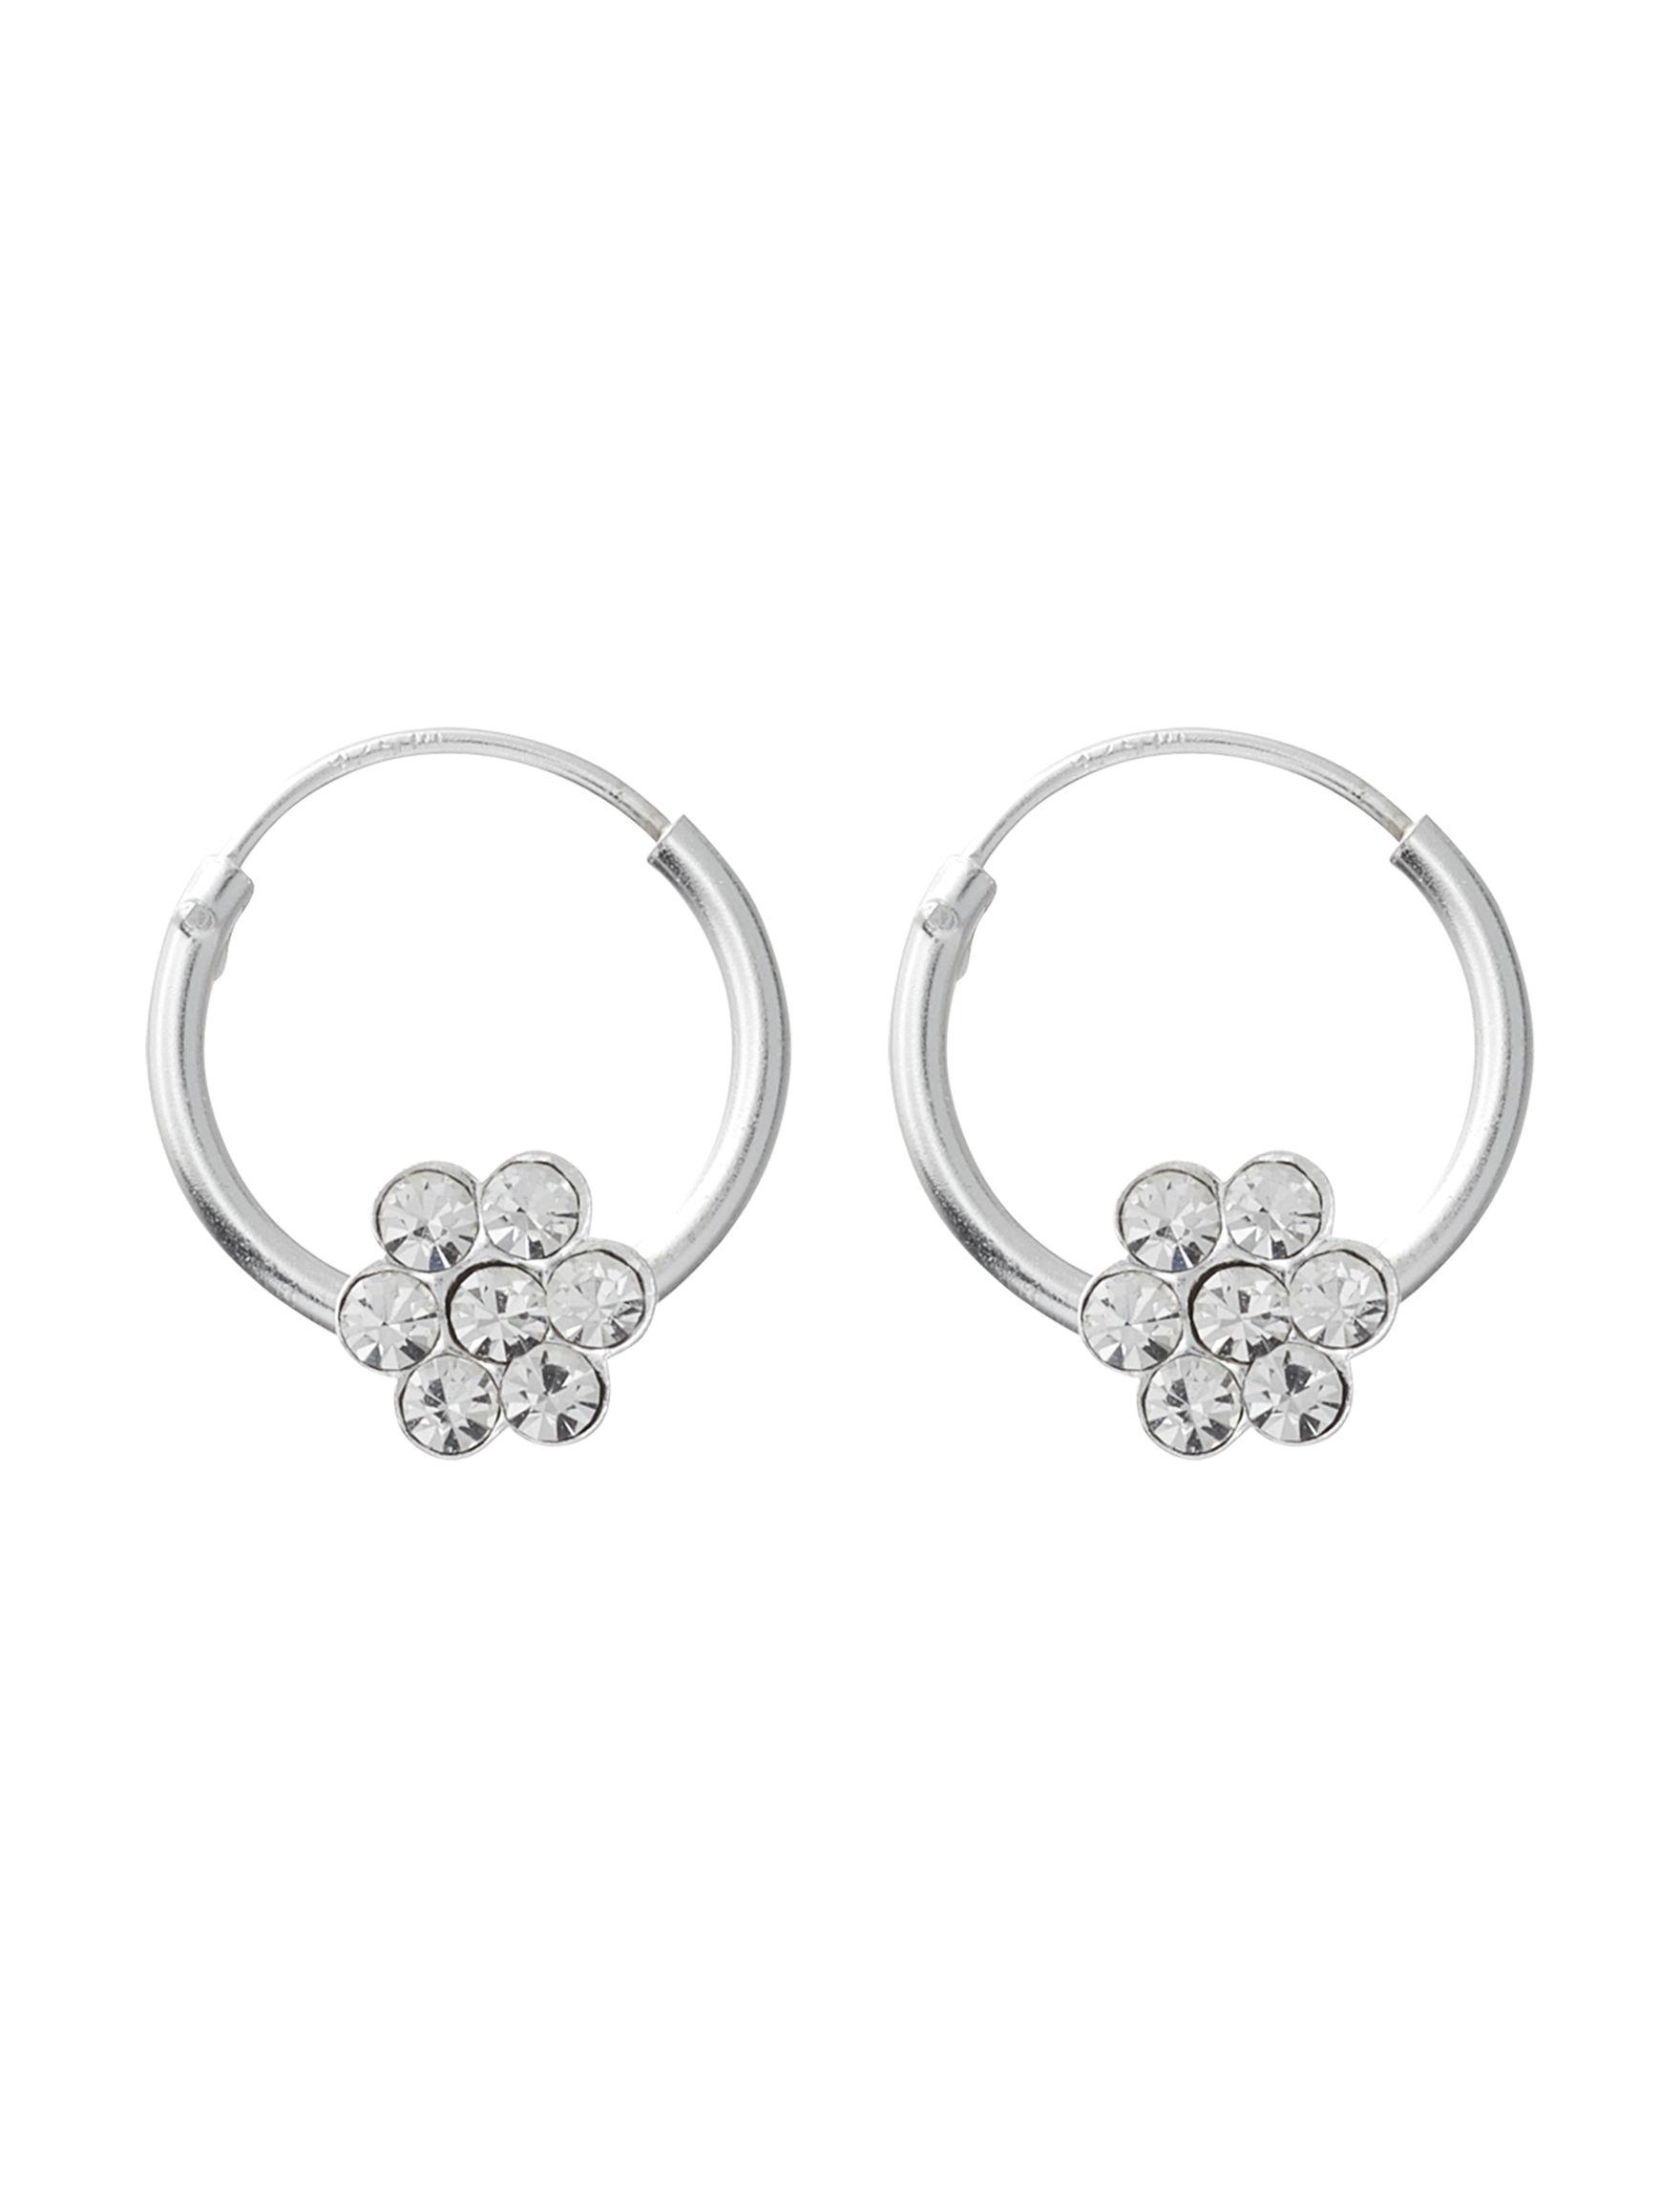 Marsala Silver / Crystal Hoops Earrings Fine Jewelry